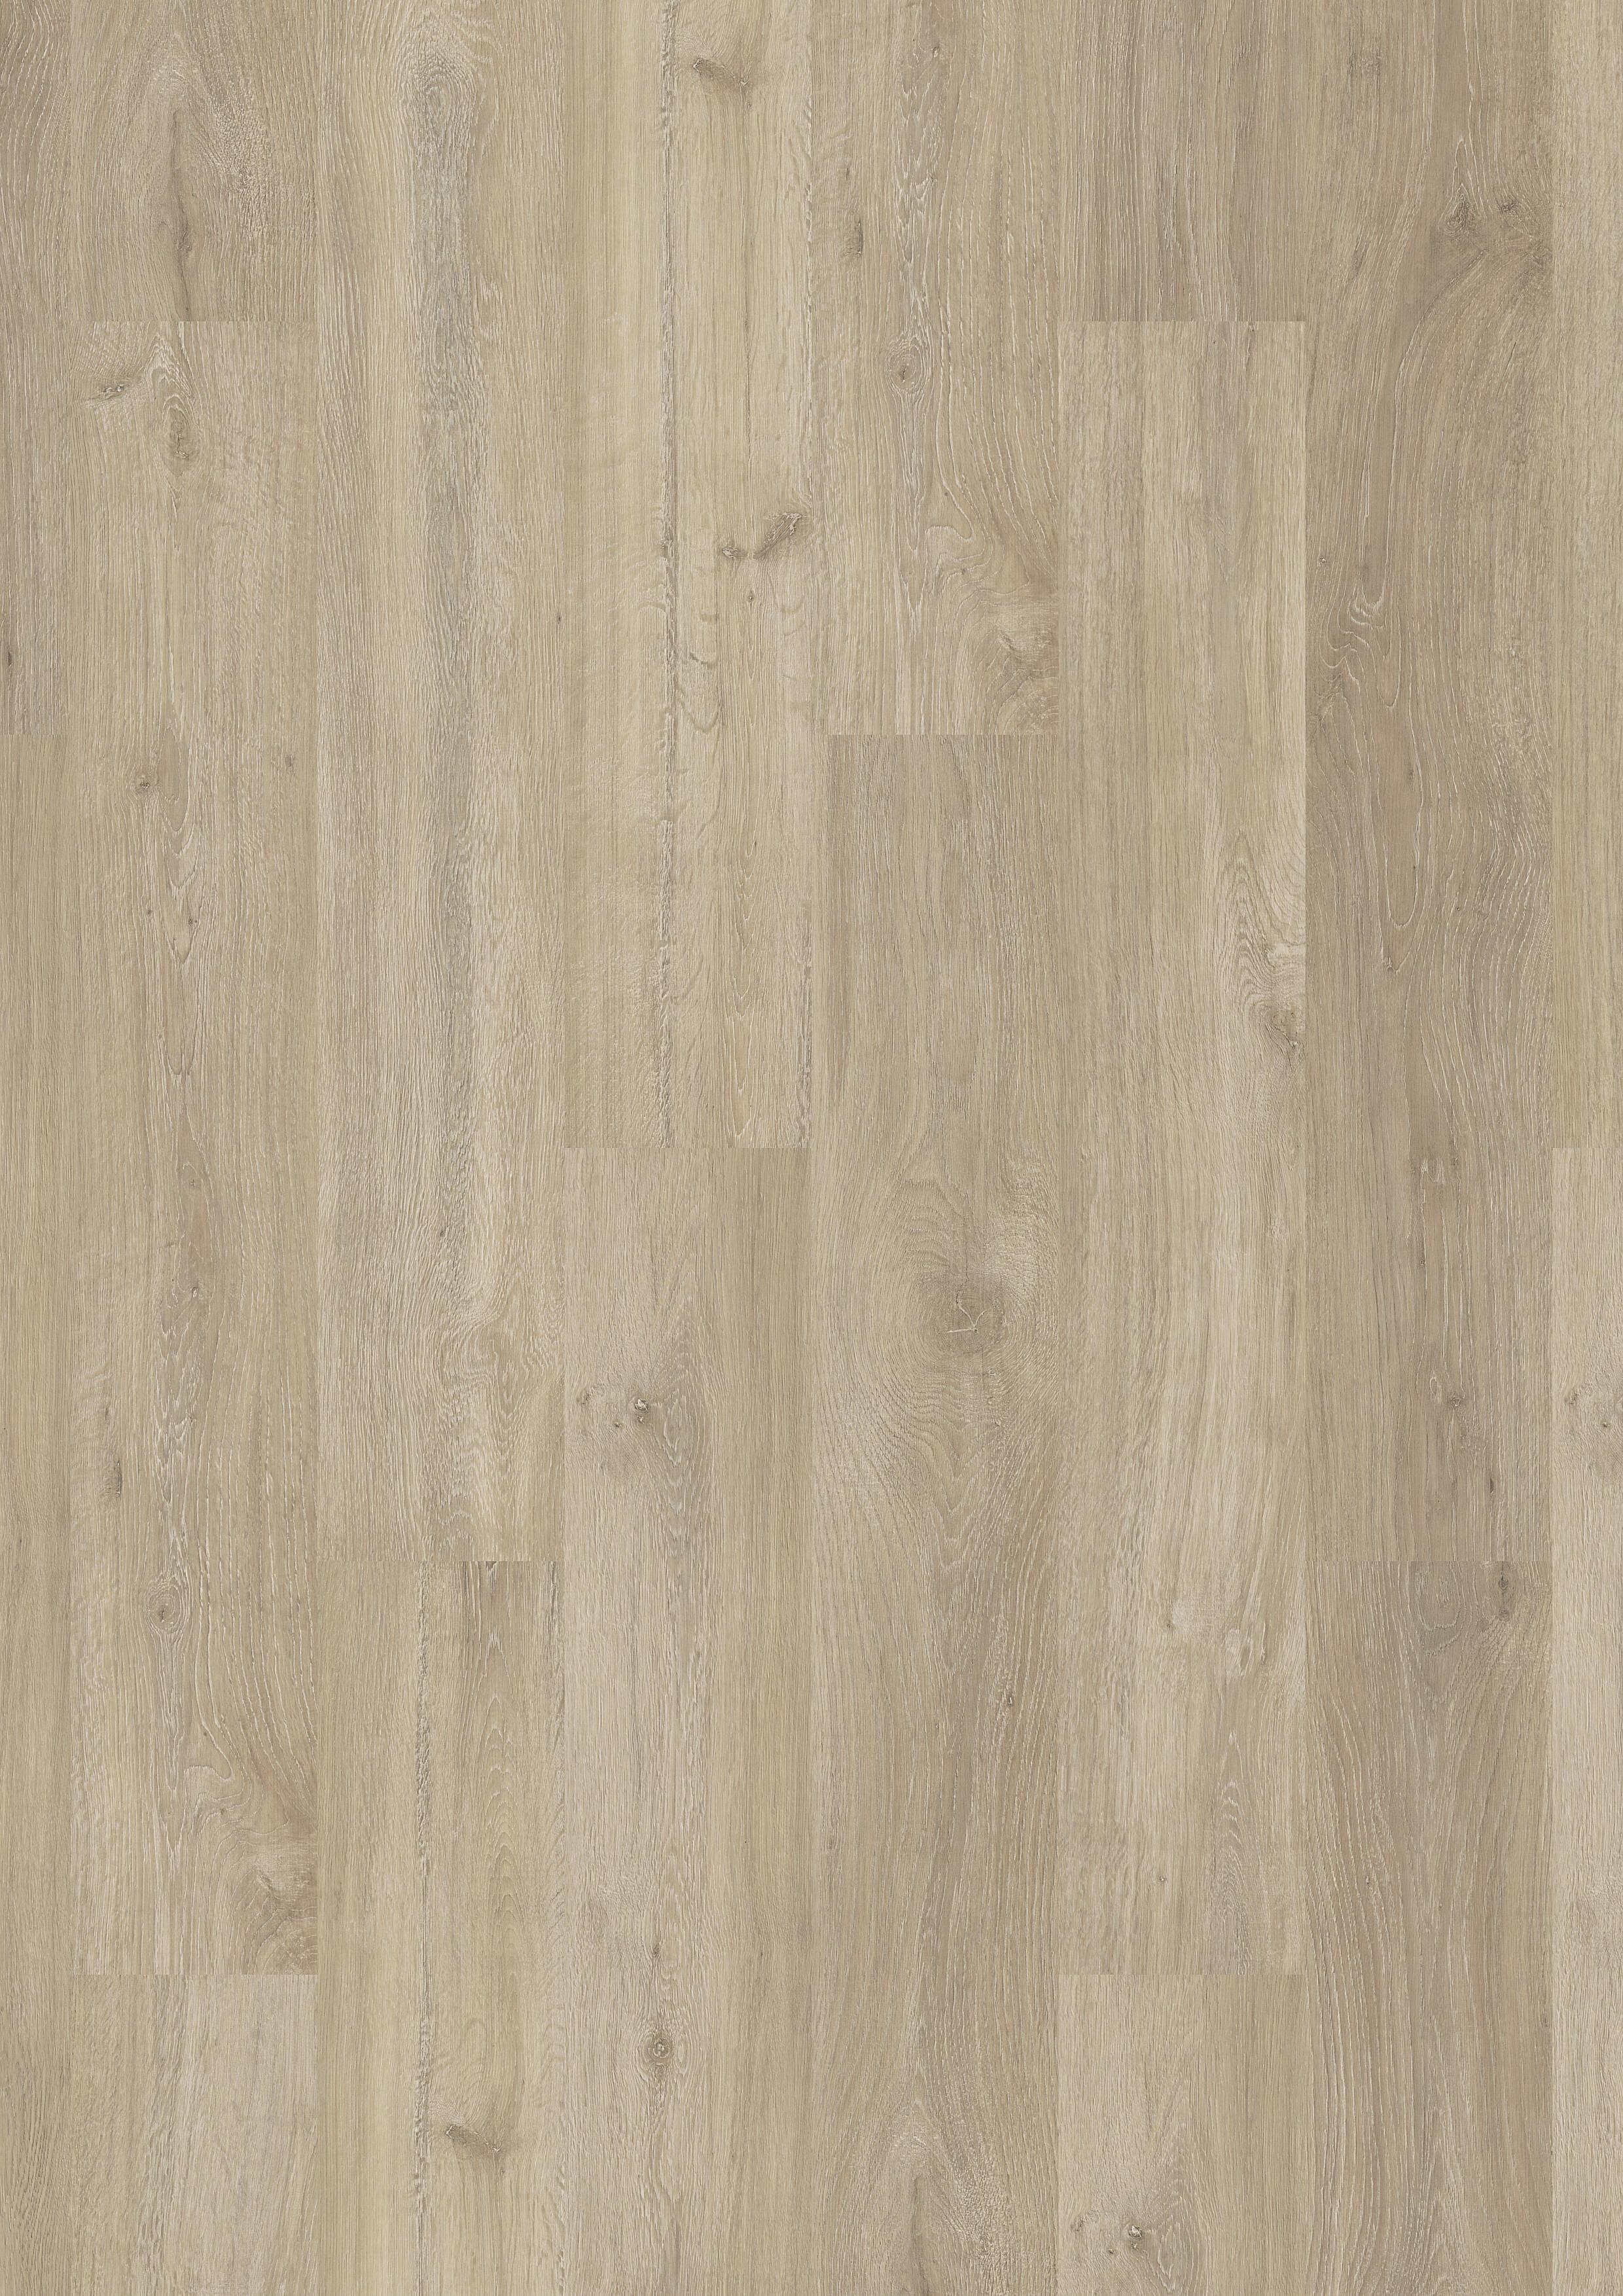 JOKA Classic MADISON 331 Laminat 3015 - Oak Cremeline